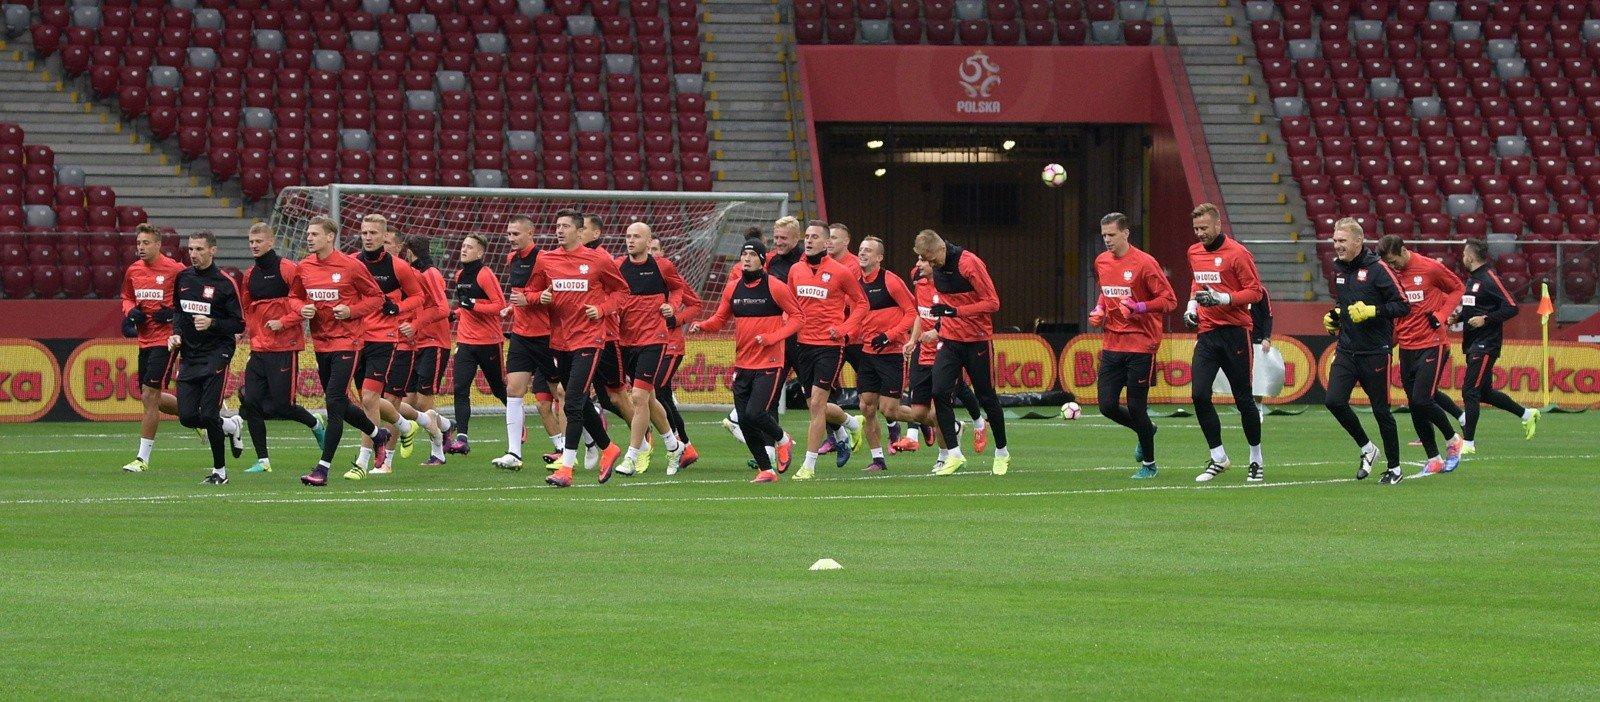 2bad0ea6d Przed reprezentacją Polski ostatni mecz eliminacji mistrzostw świata.